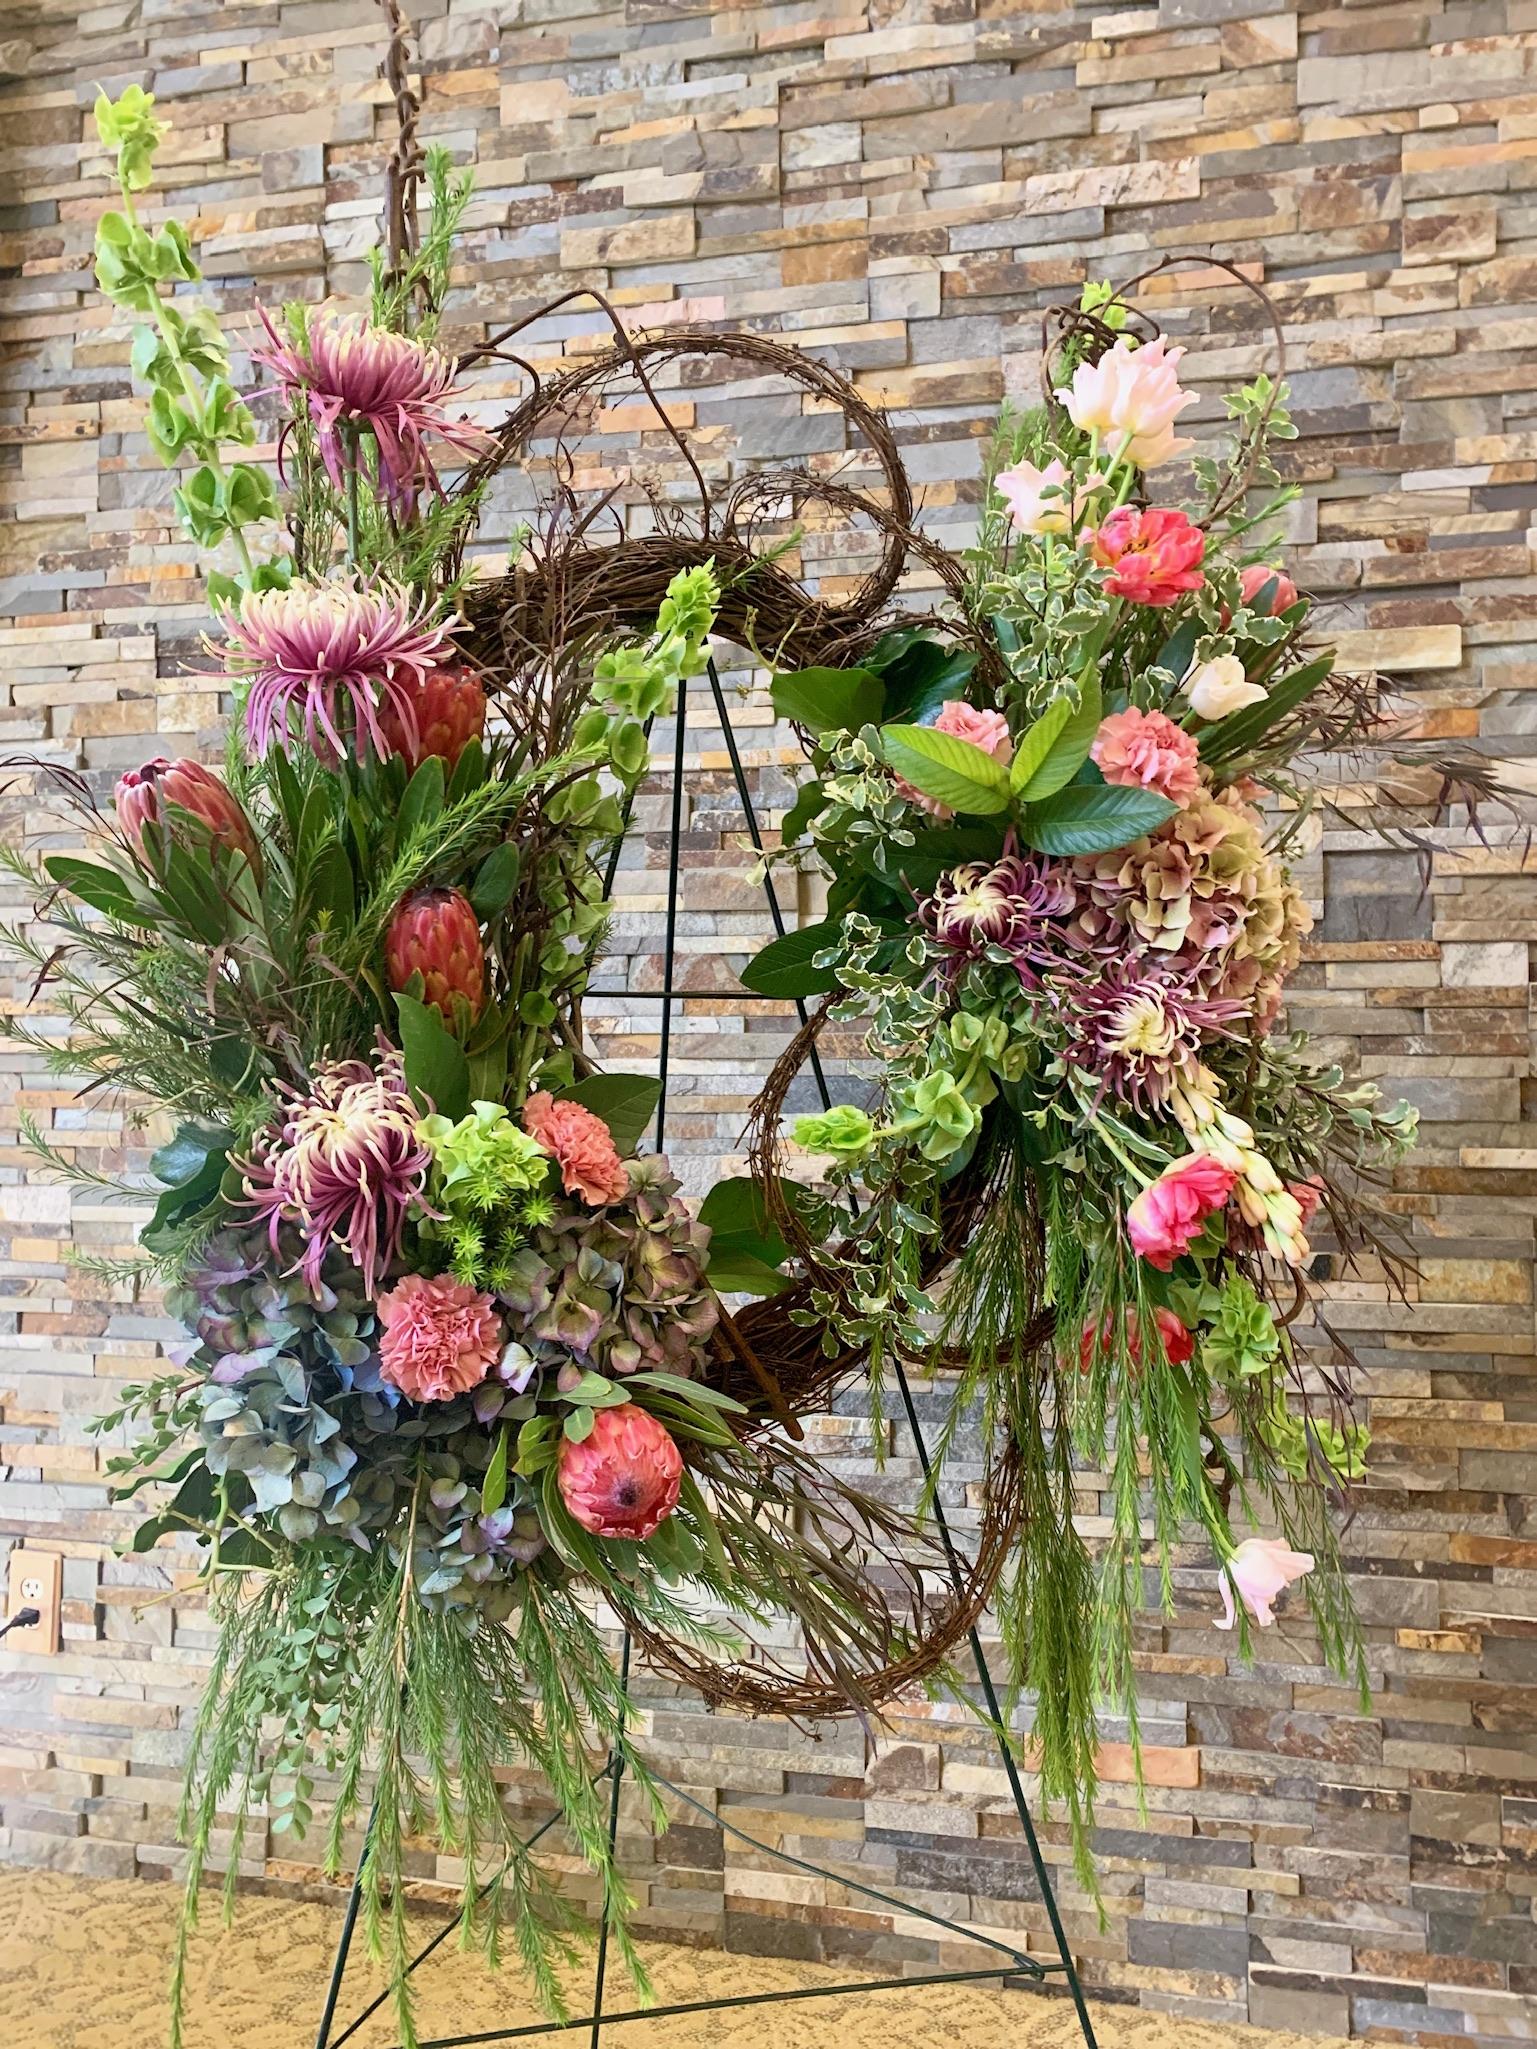 French Garden Wreath.JPG